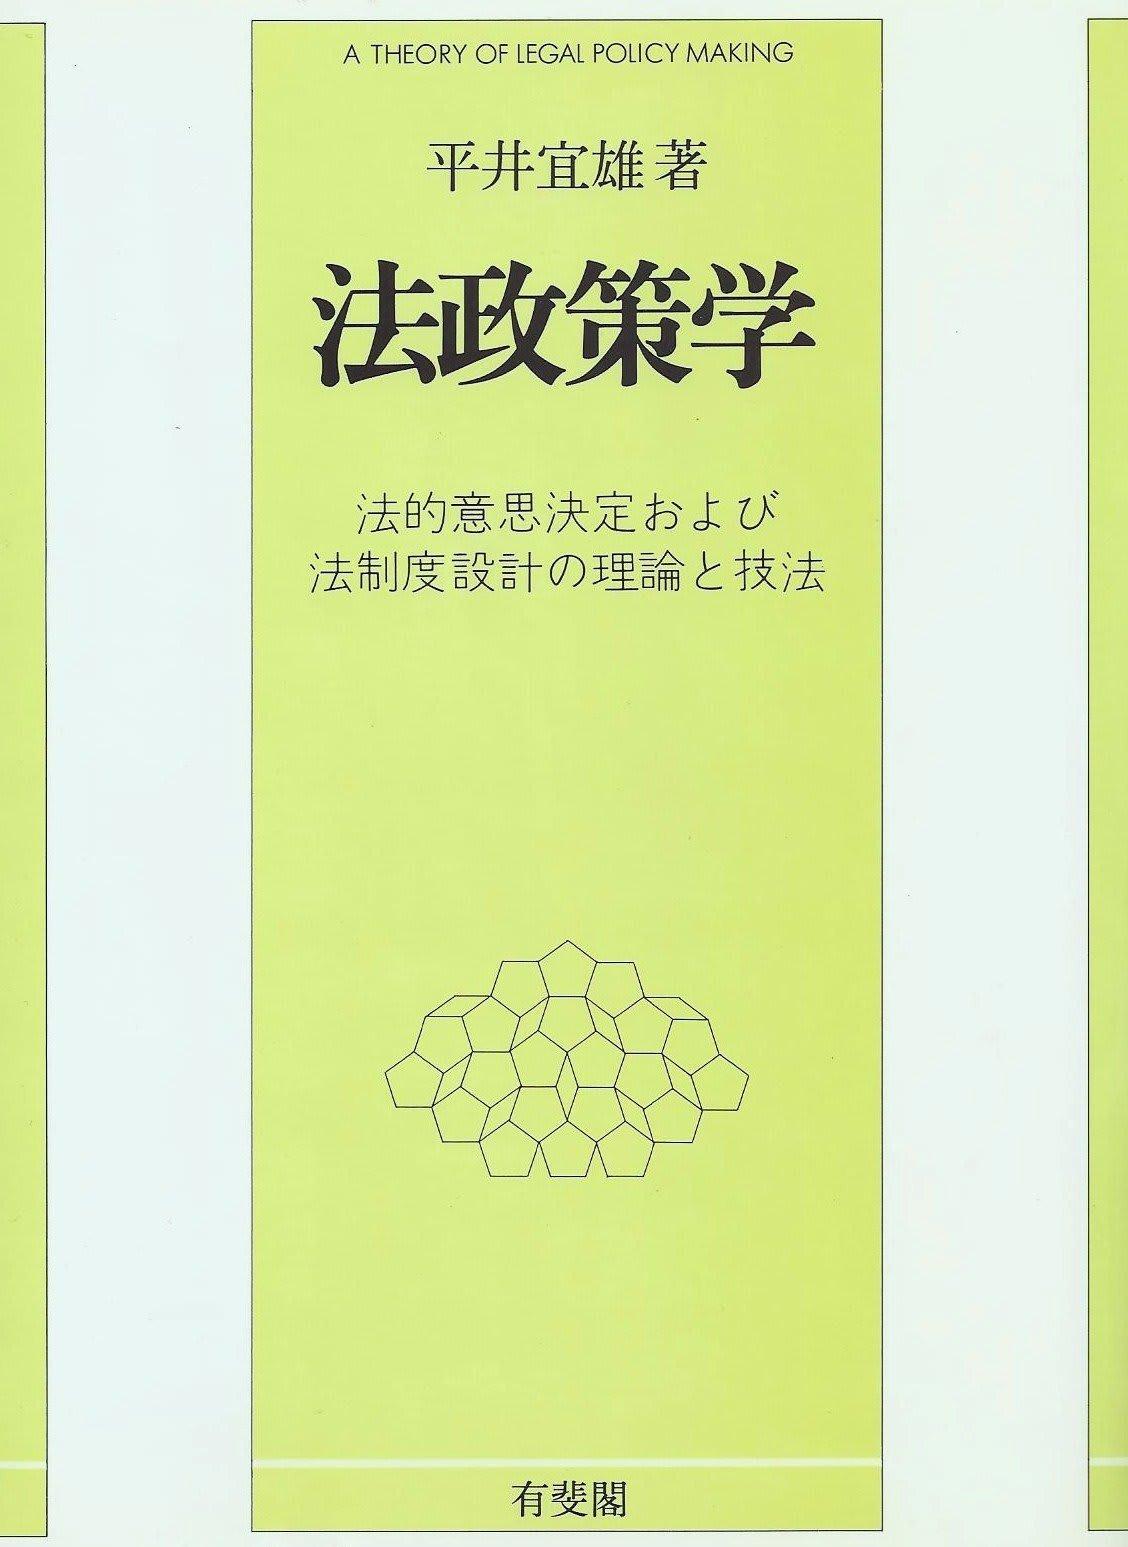 中央大学 VS 東京大学(その76-1 ユニークな民法学者対決) - デンカ ...